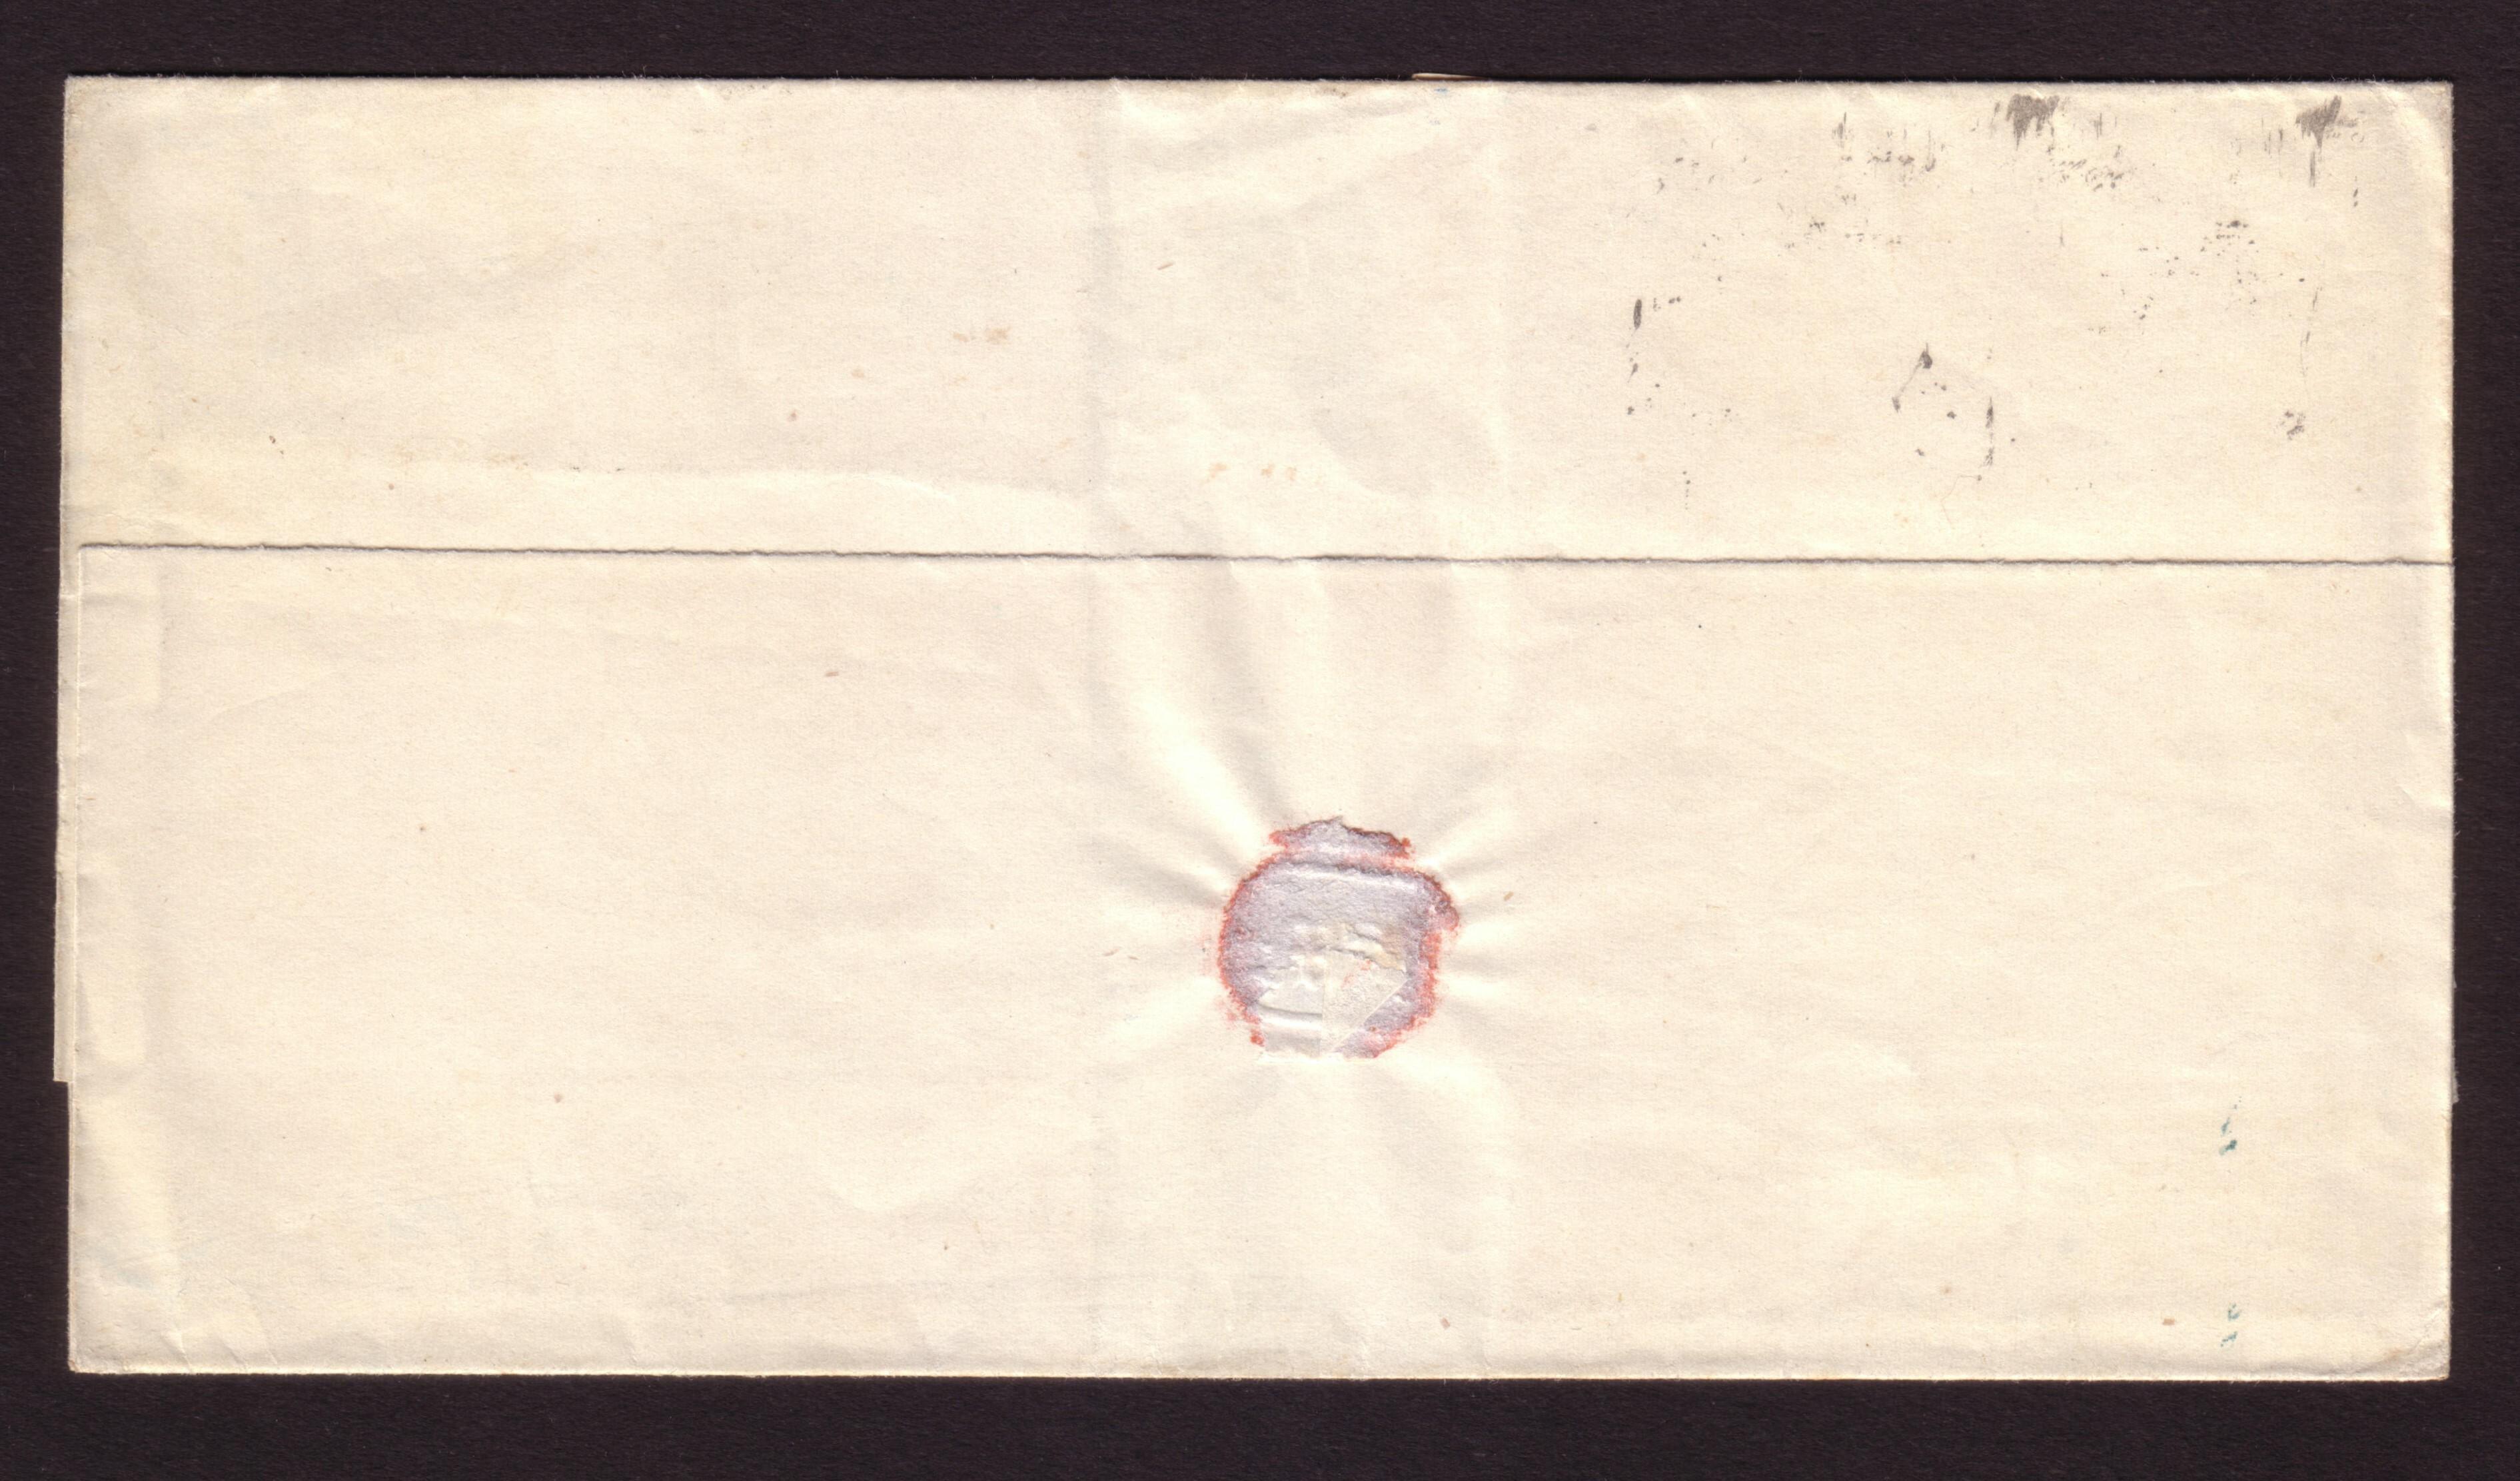 Lot 2406 - sicilia Individual lots -  Ponte Auction House Stamps Auction 505